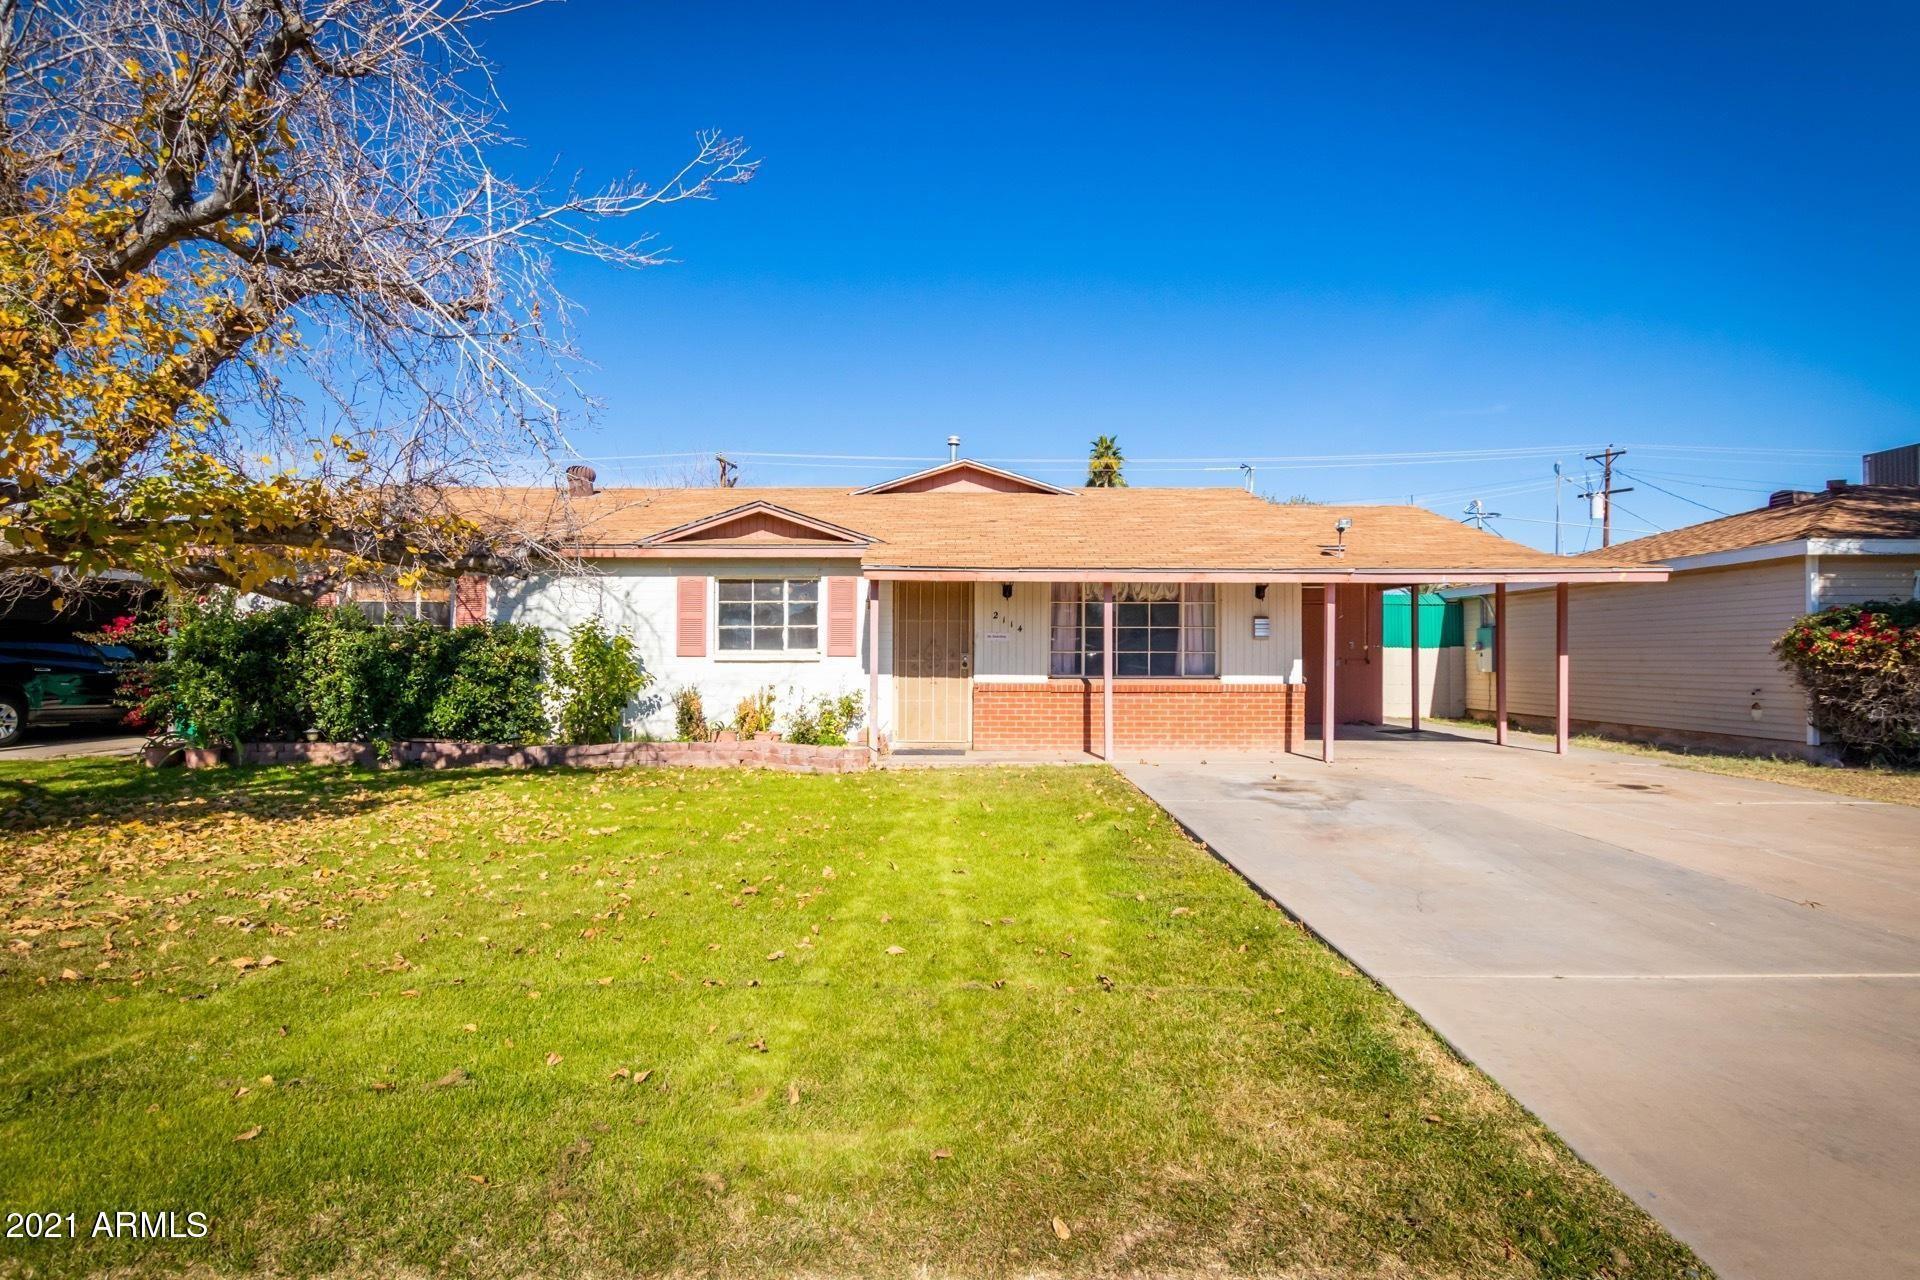 2114 W 1ST Place, Mesa, AZ 85201 - #: 6180775